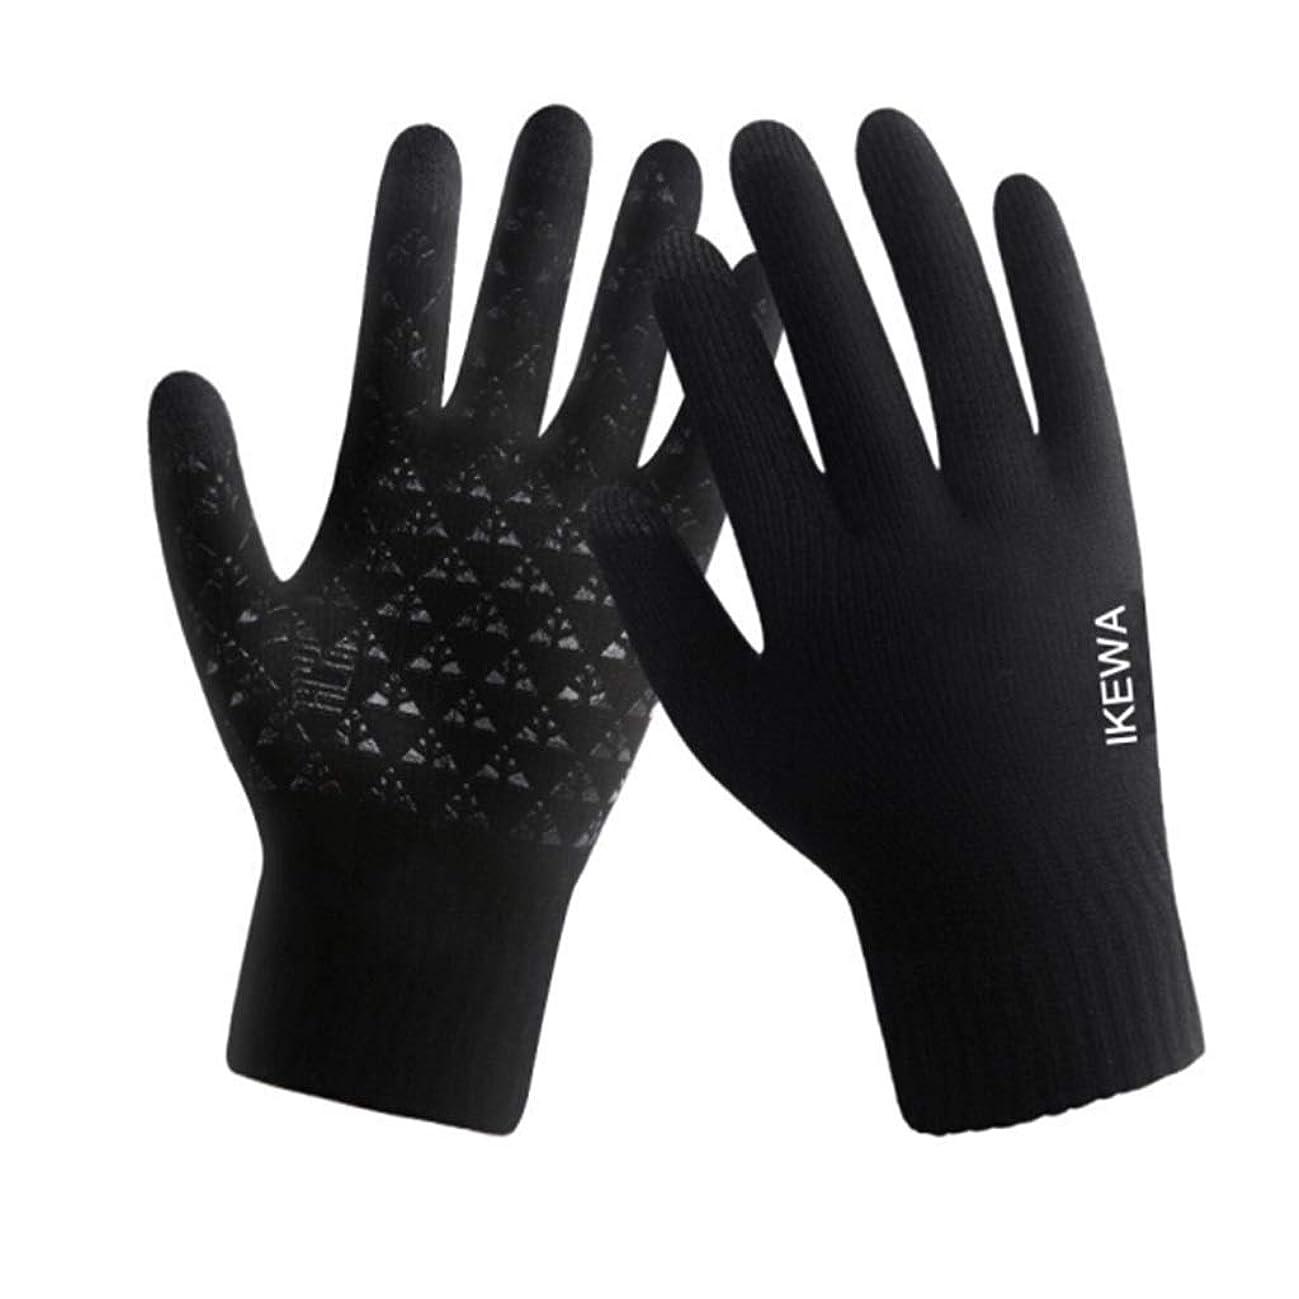 無線ぜいたくふざけた冬の羊毛の手袋、男性と女性、サイクリング、暖かいニット、タッチスクリーン、5本指の手袋、黒(男性)